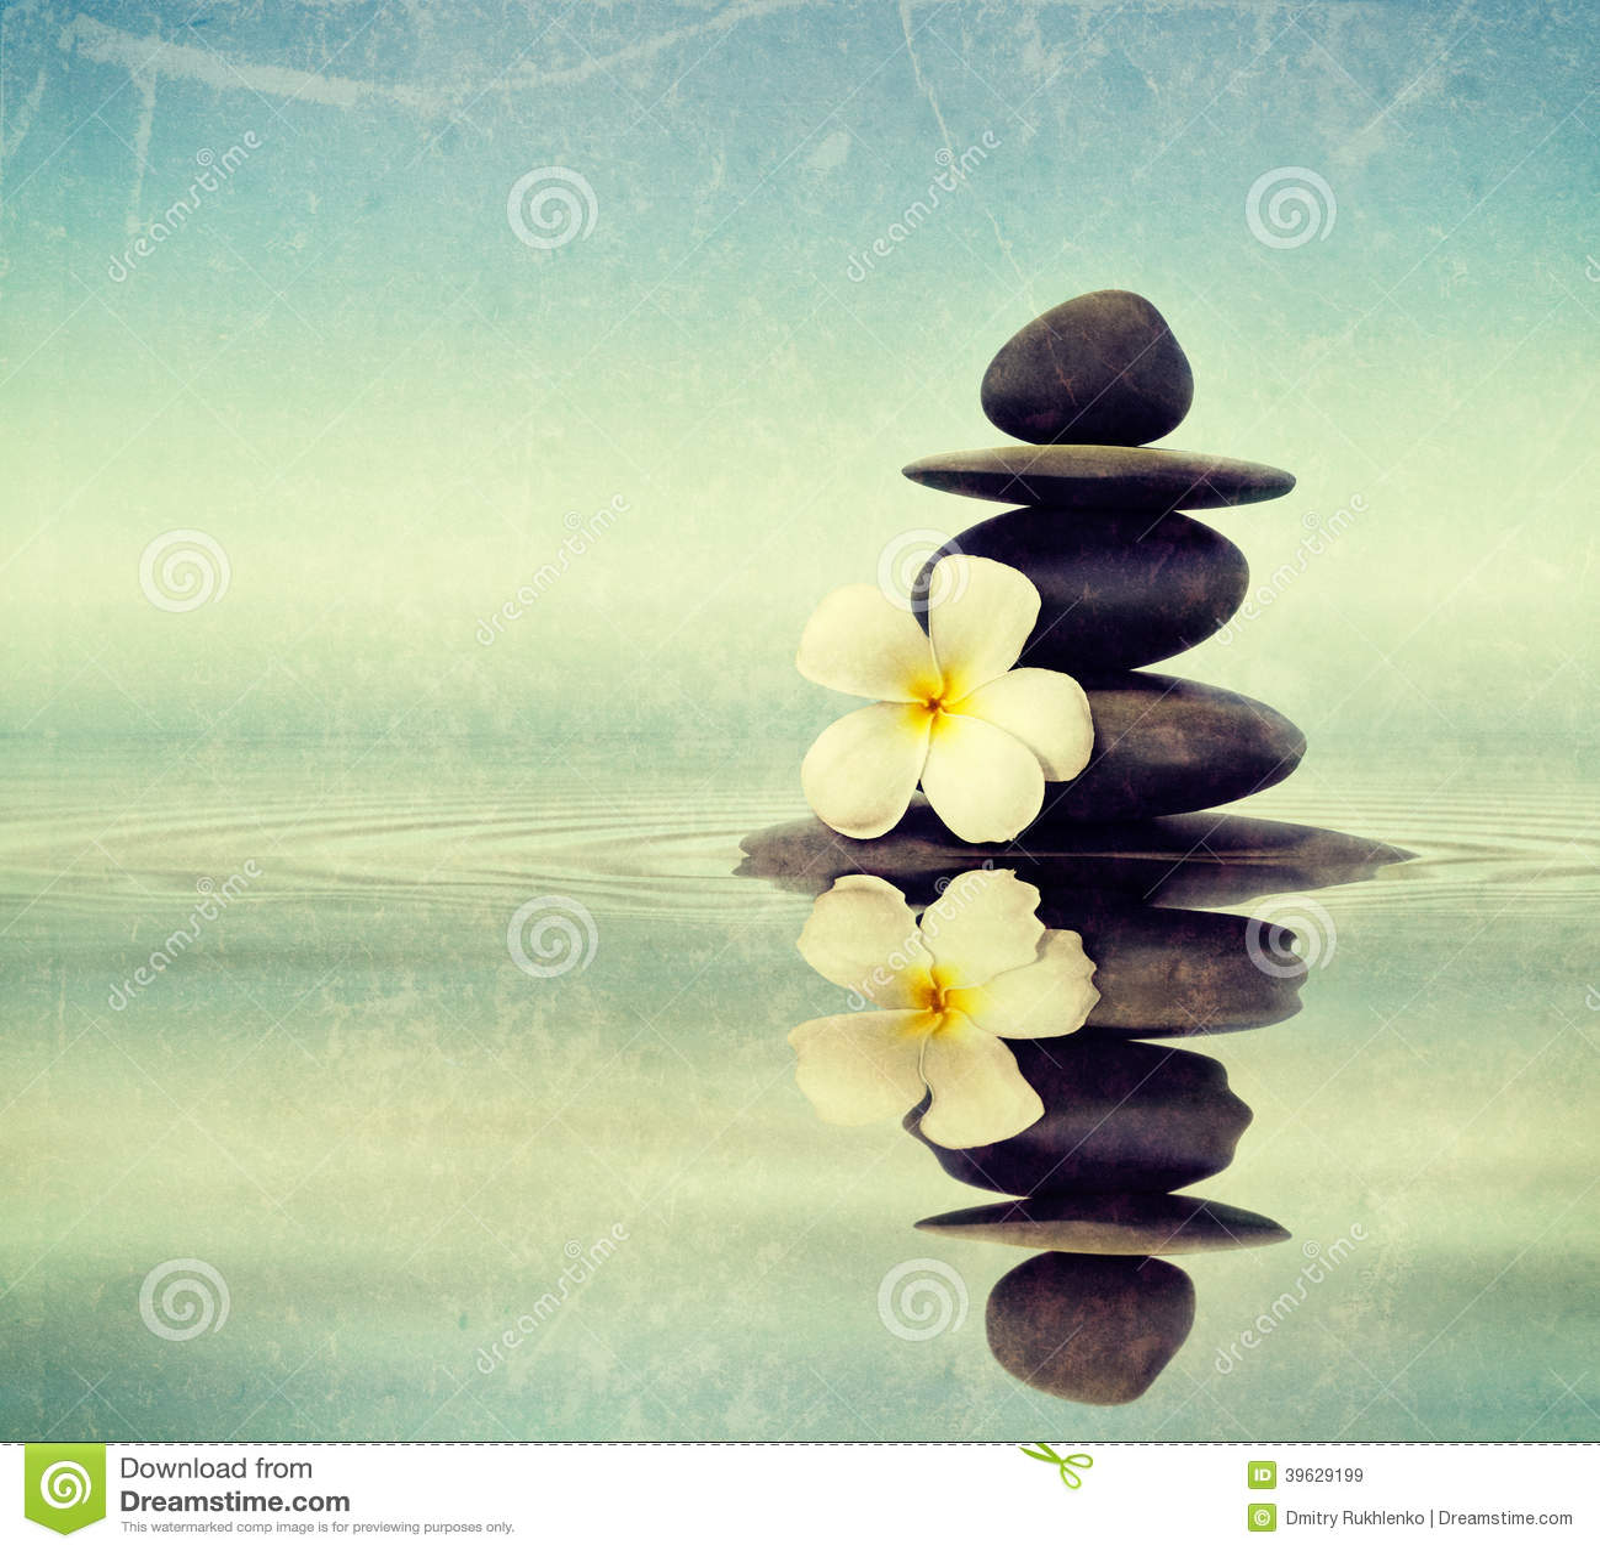 water flower massage